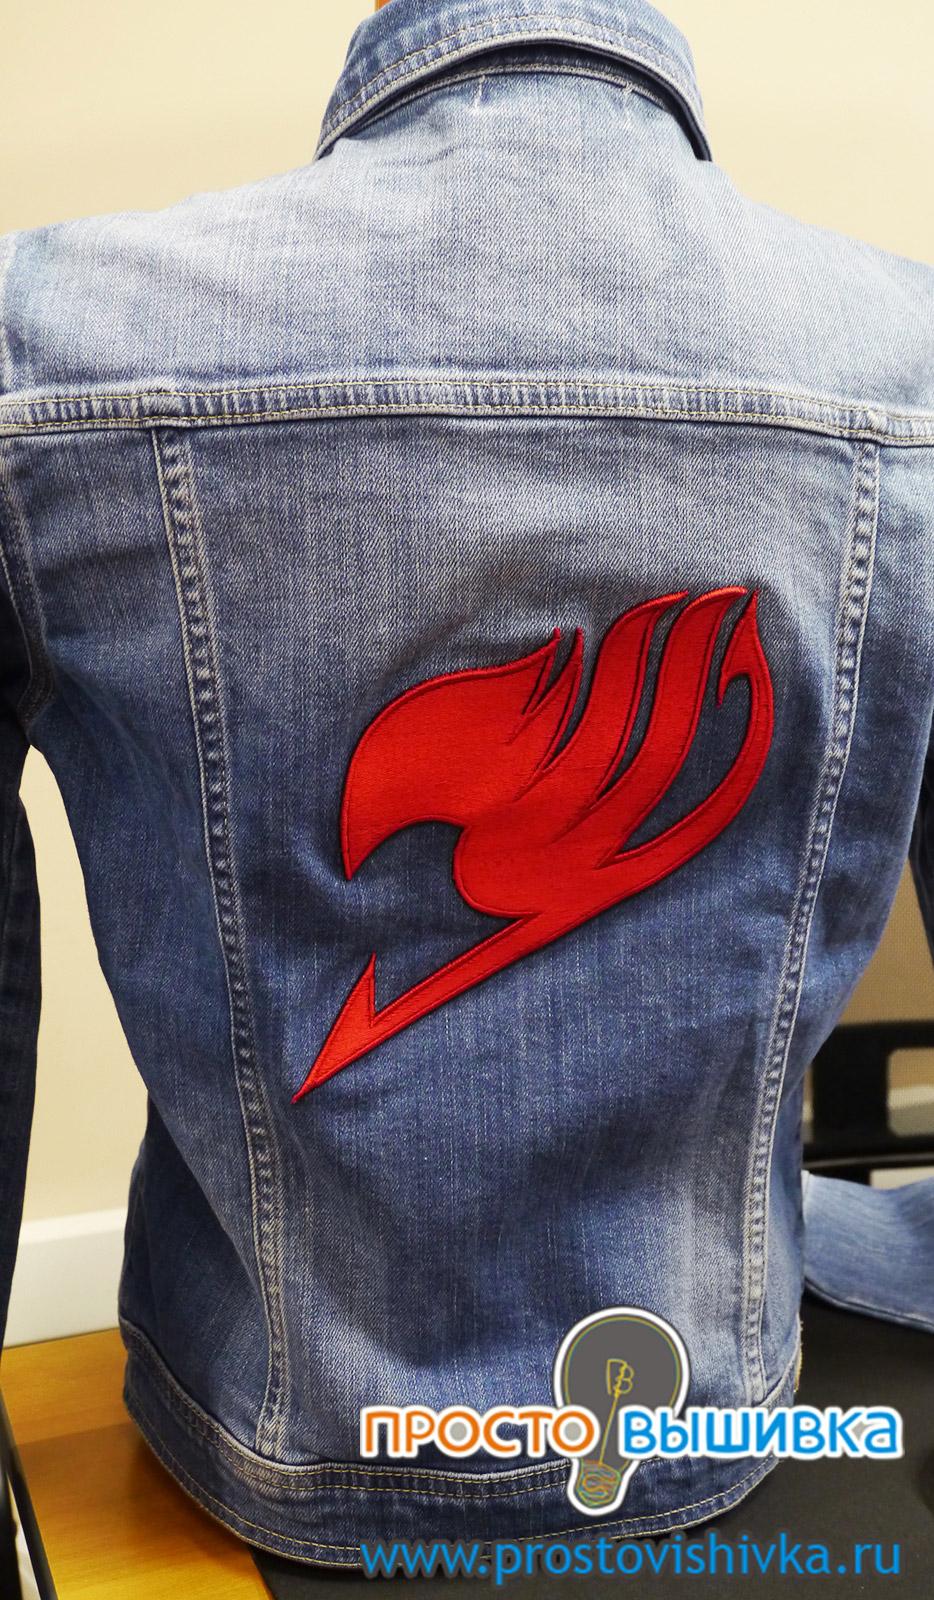 Вышивка на джинсовой куртке своими руками фото